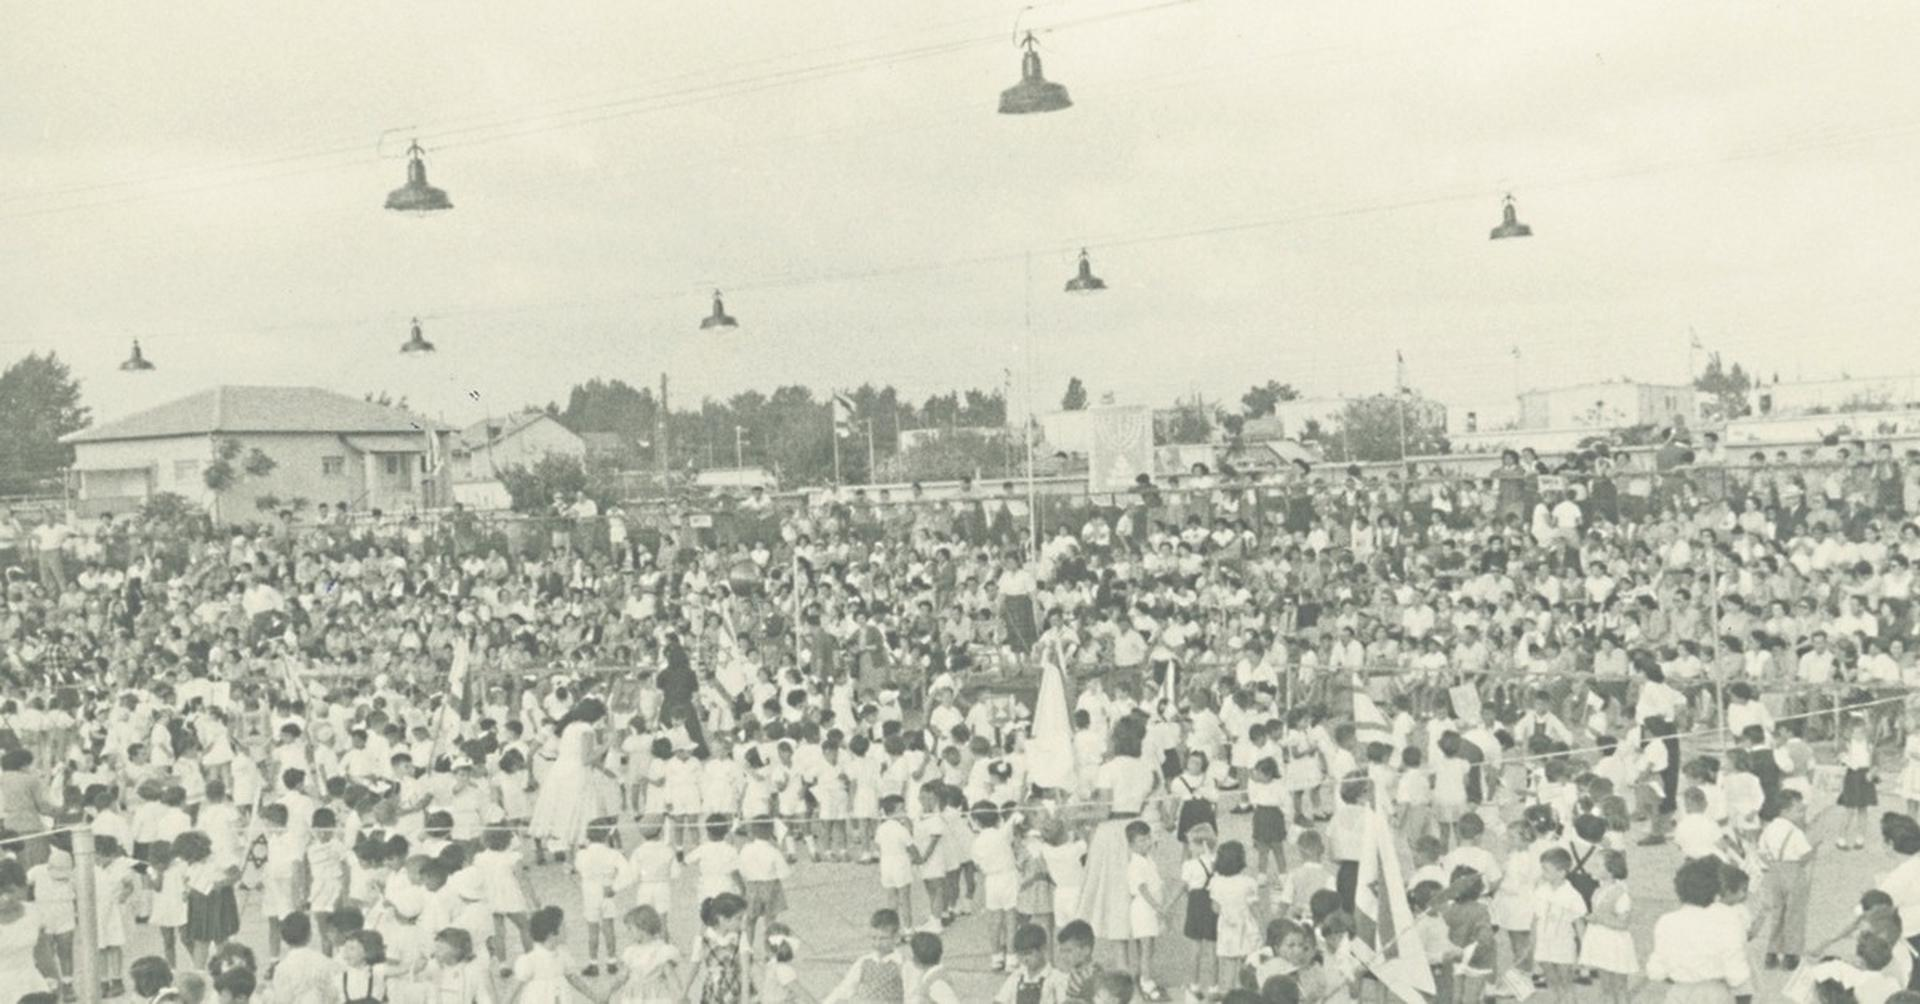 חגיגות באצטדיון הכדורסל בחולון בשנות ה־50   צילום: פוטו דן, המוזיאון לתולדות חולון